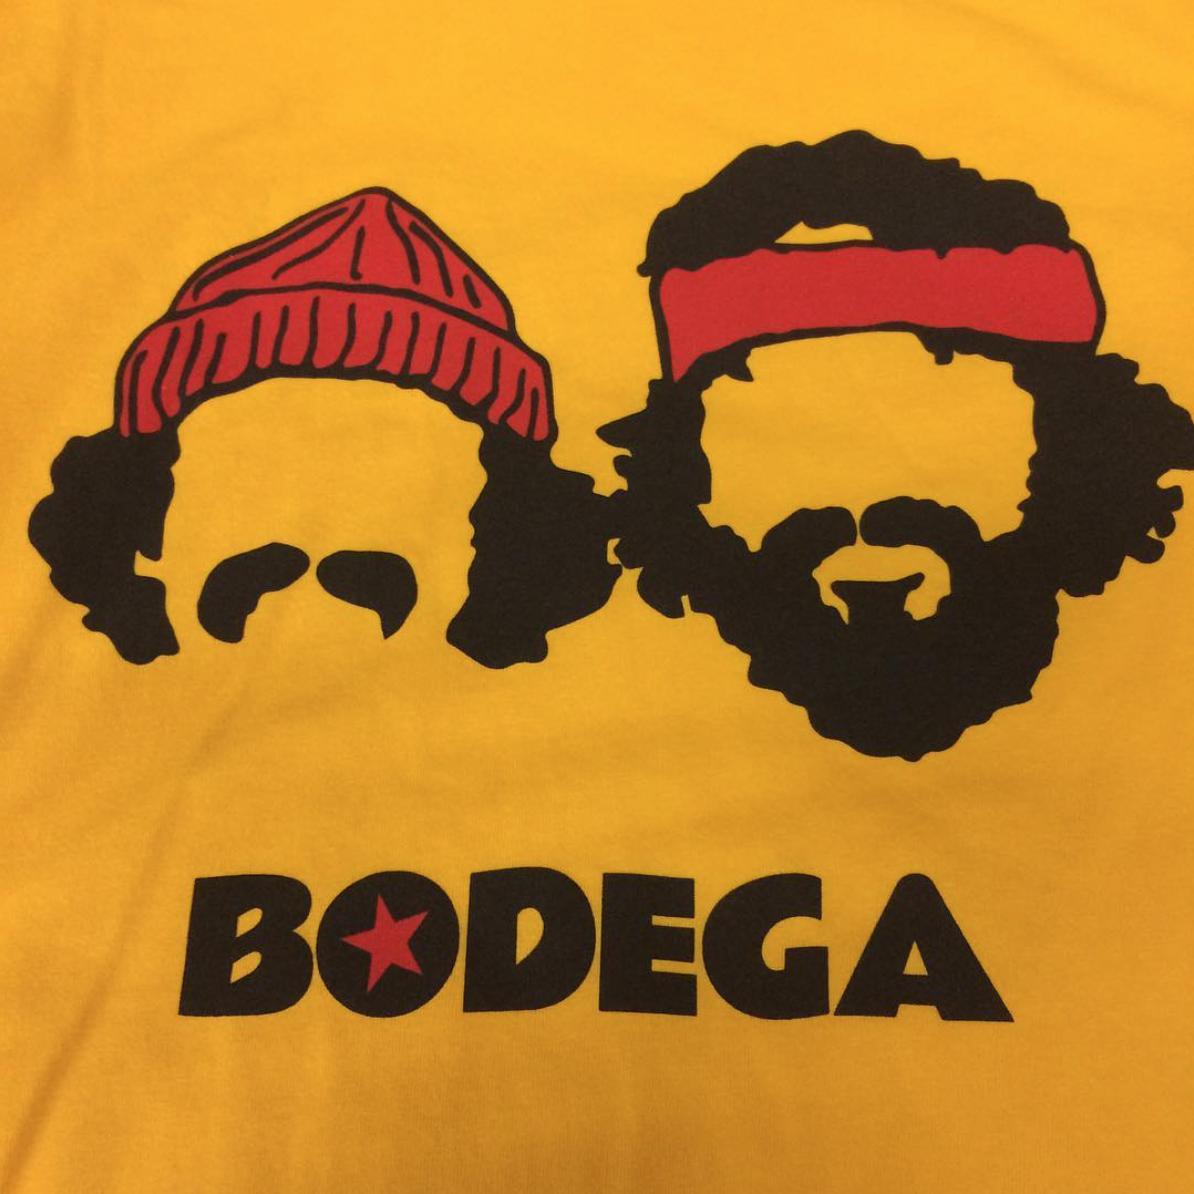 T-shirt Printing | Bodega, St. Pete